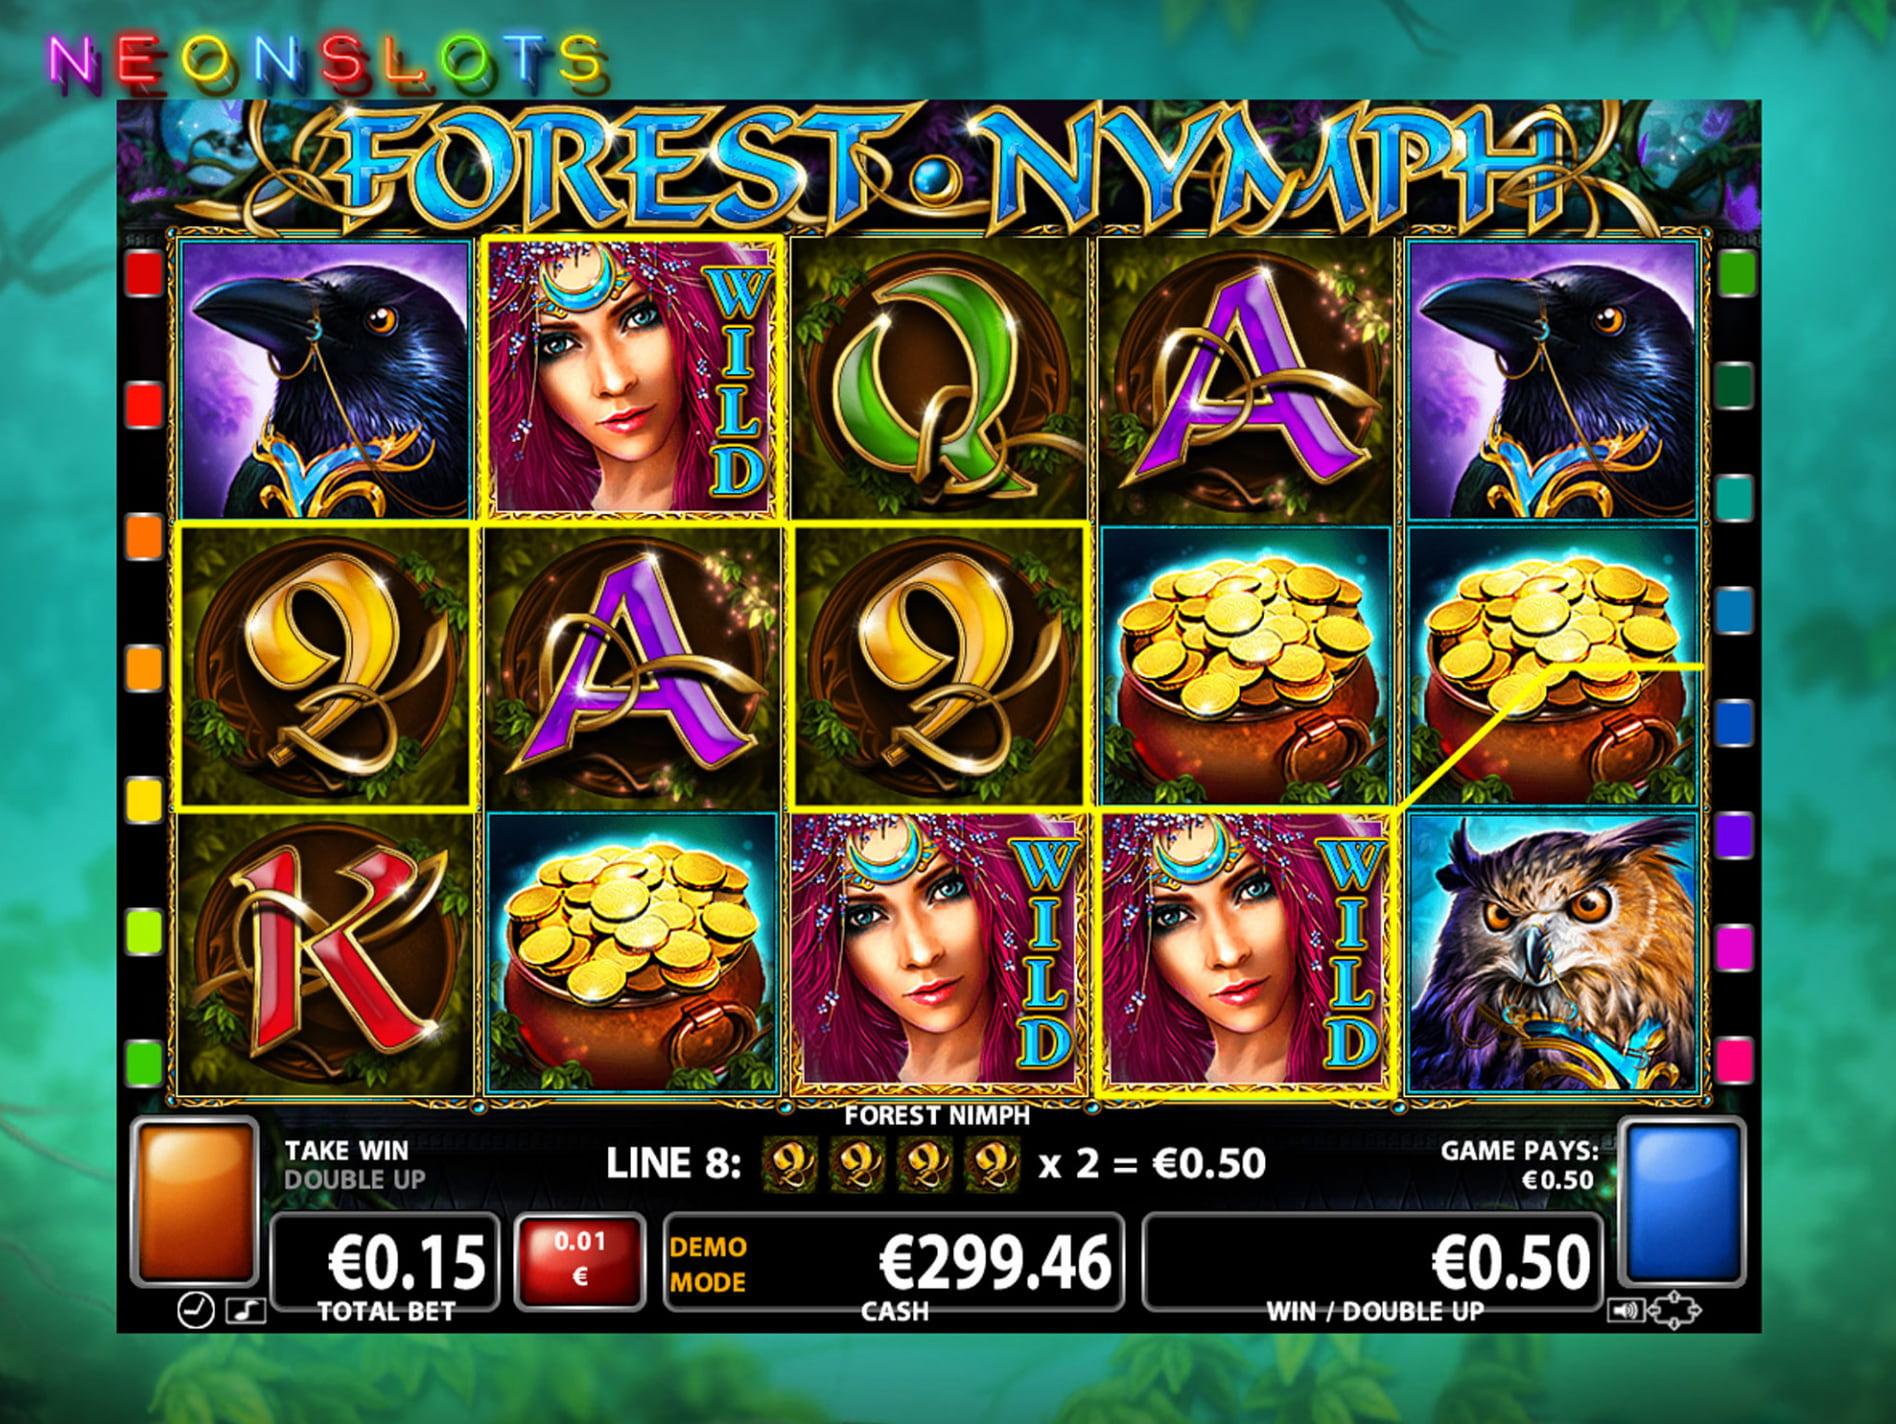 Lista de casinos on line historia Juego online-683221